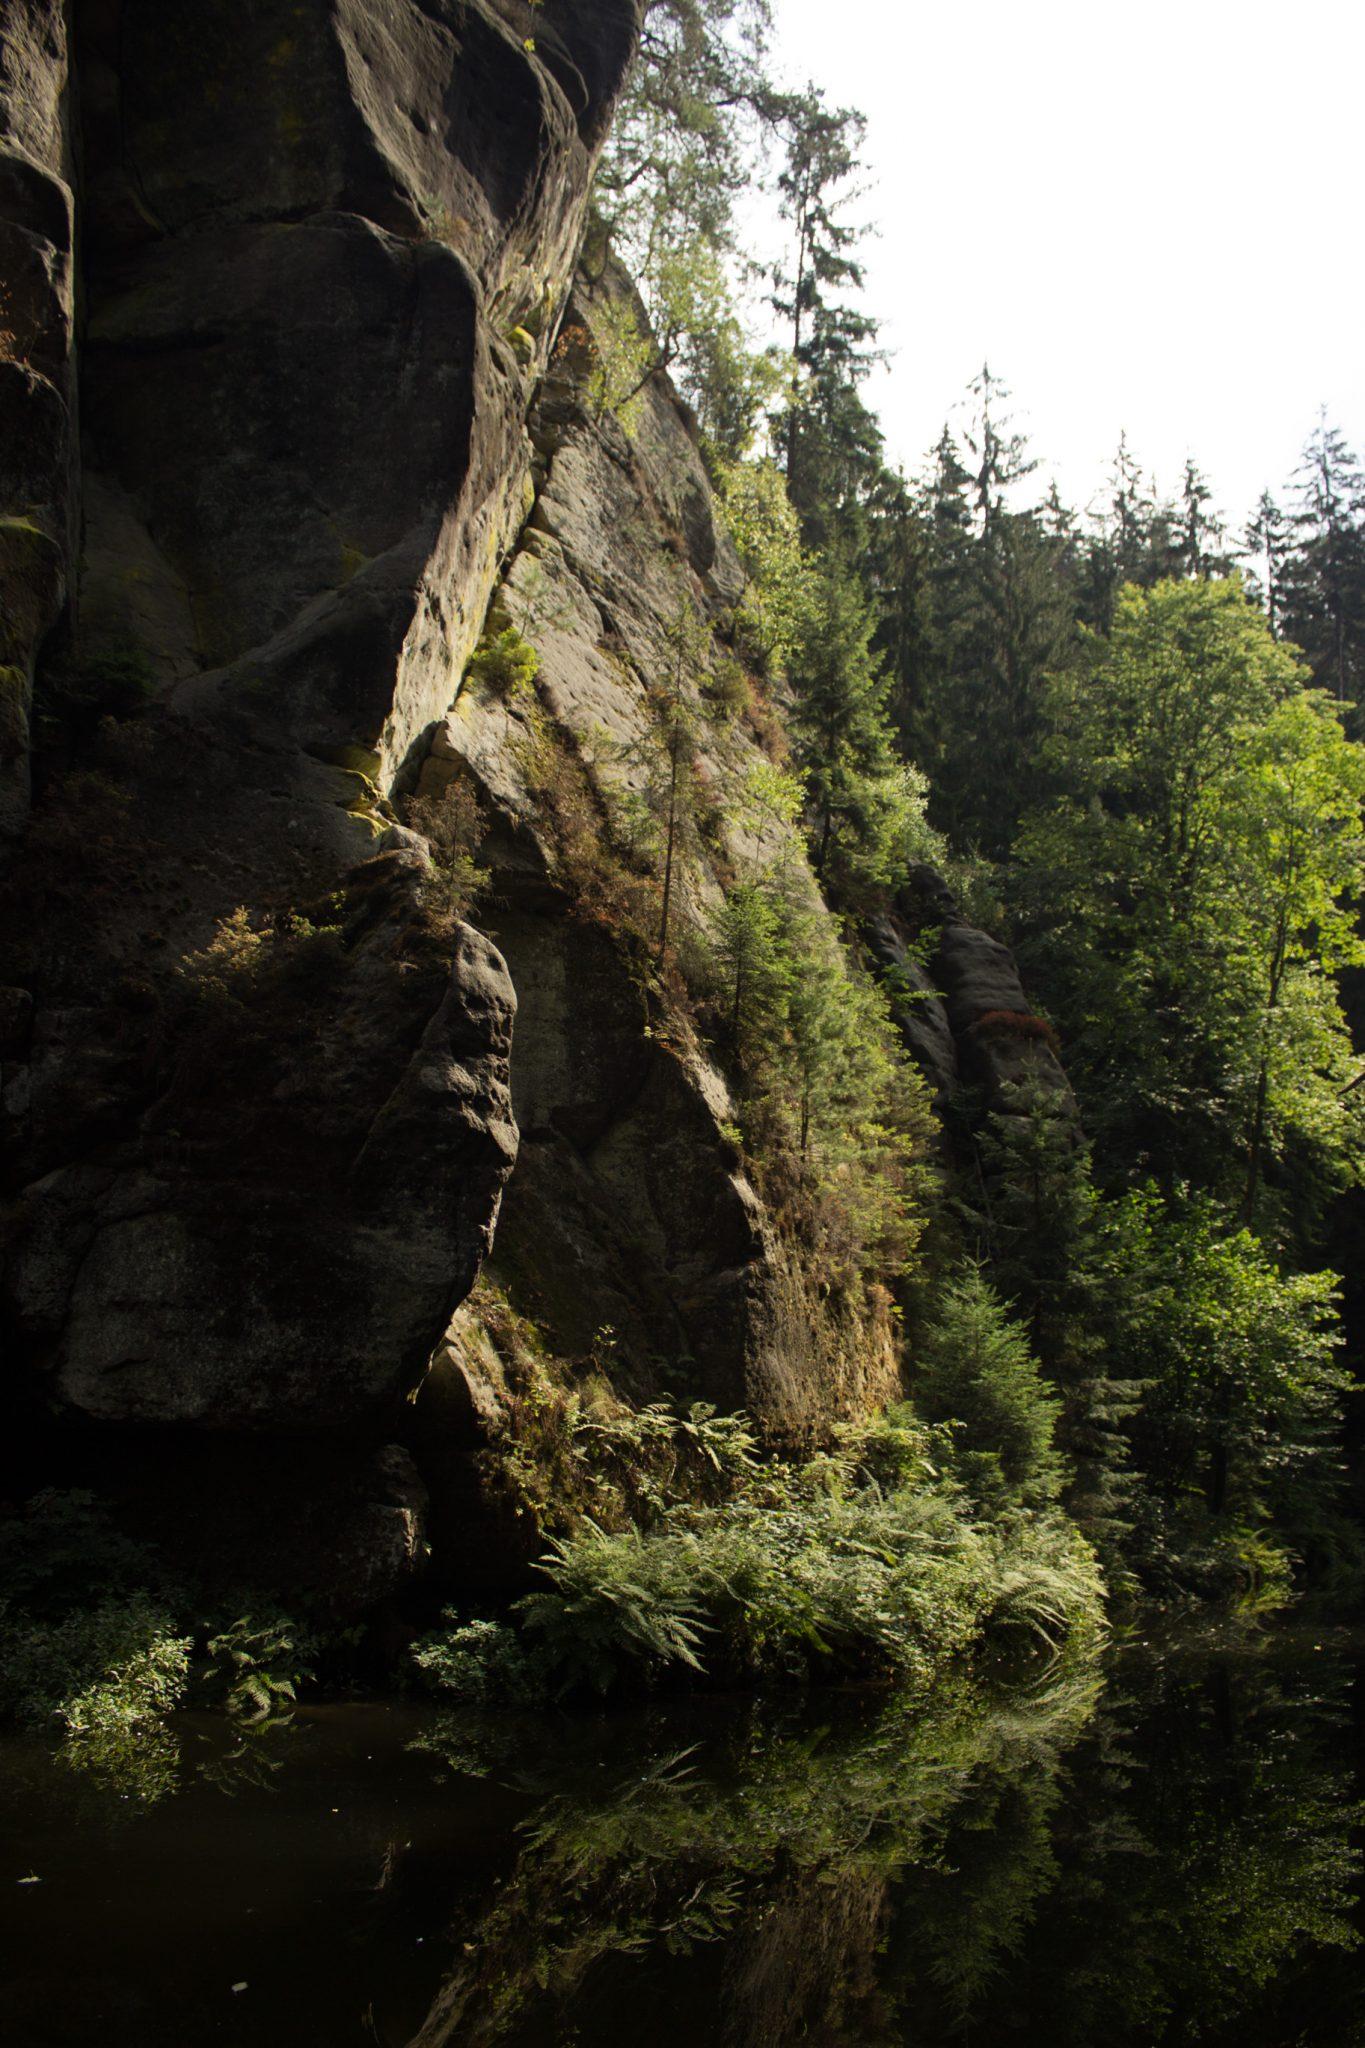 Kirnitzschklamm Hermanseck und Königsplatz im Kirnitzschtal wandern, Wanderweg im Wanderparadies Sächsische Schweiz mit vielen tollen Aussichten, riesiger Felsennationalpark